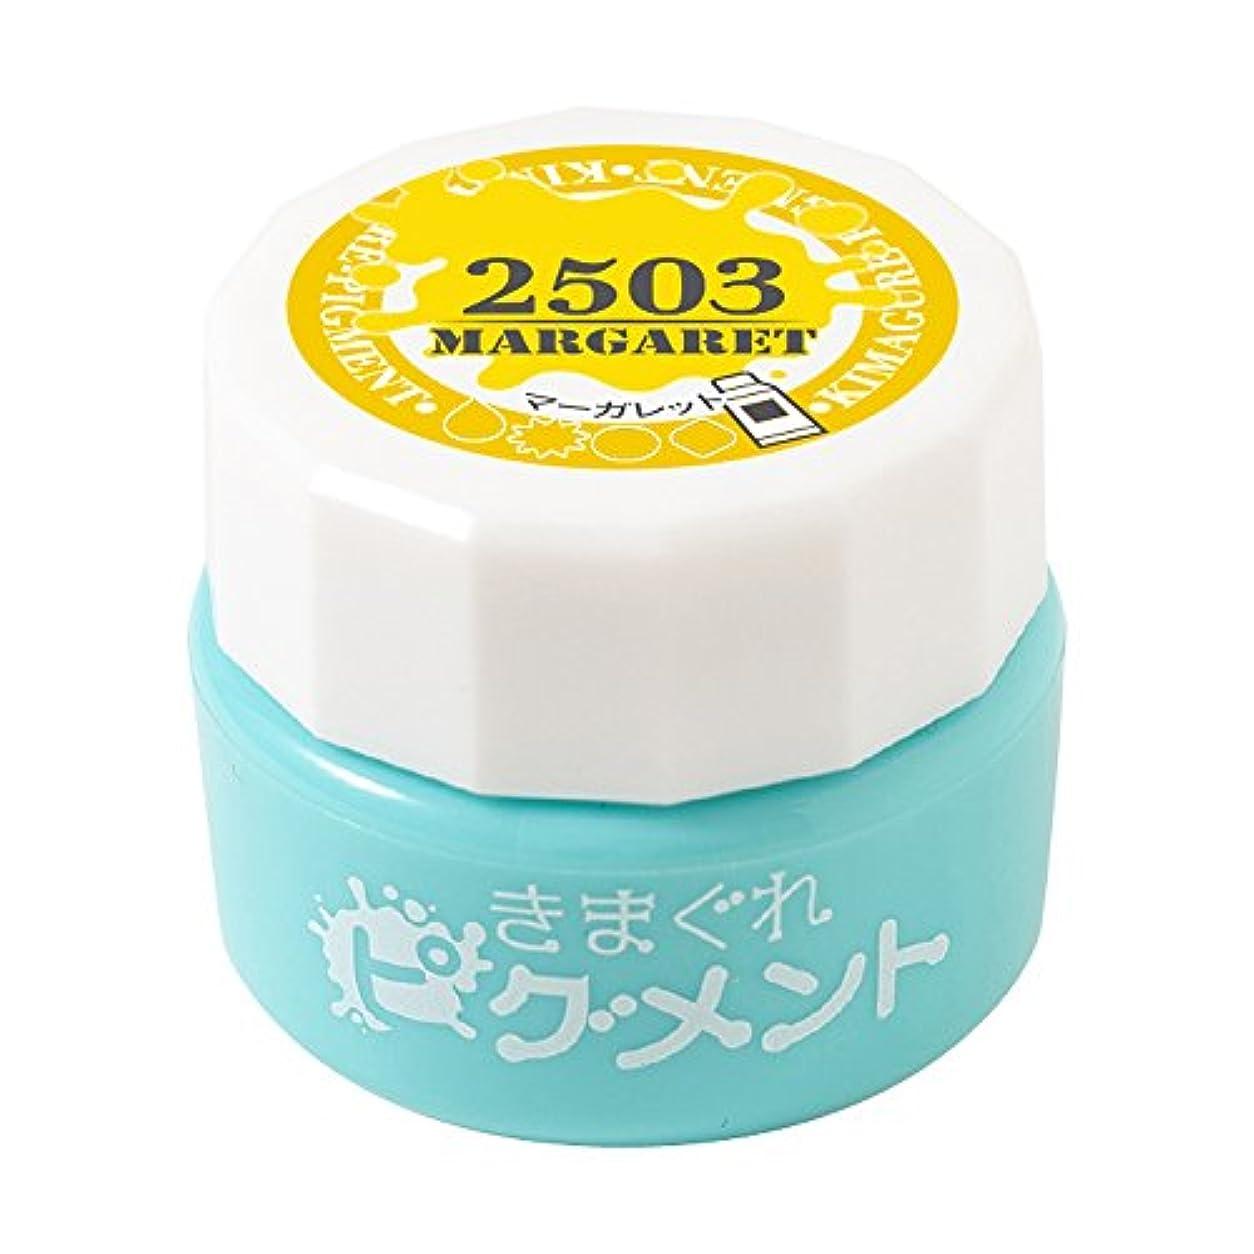 プレミアムぺディカブ士気Bettygel きまぐれピグメント マーガレット QYJ-2503 4g UV/LED対応